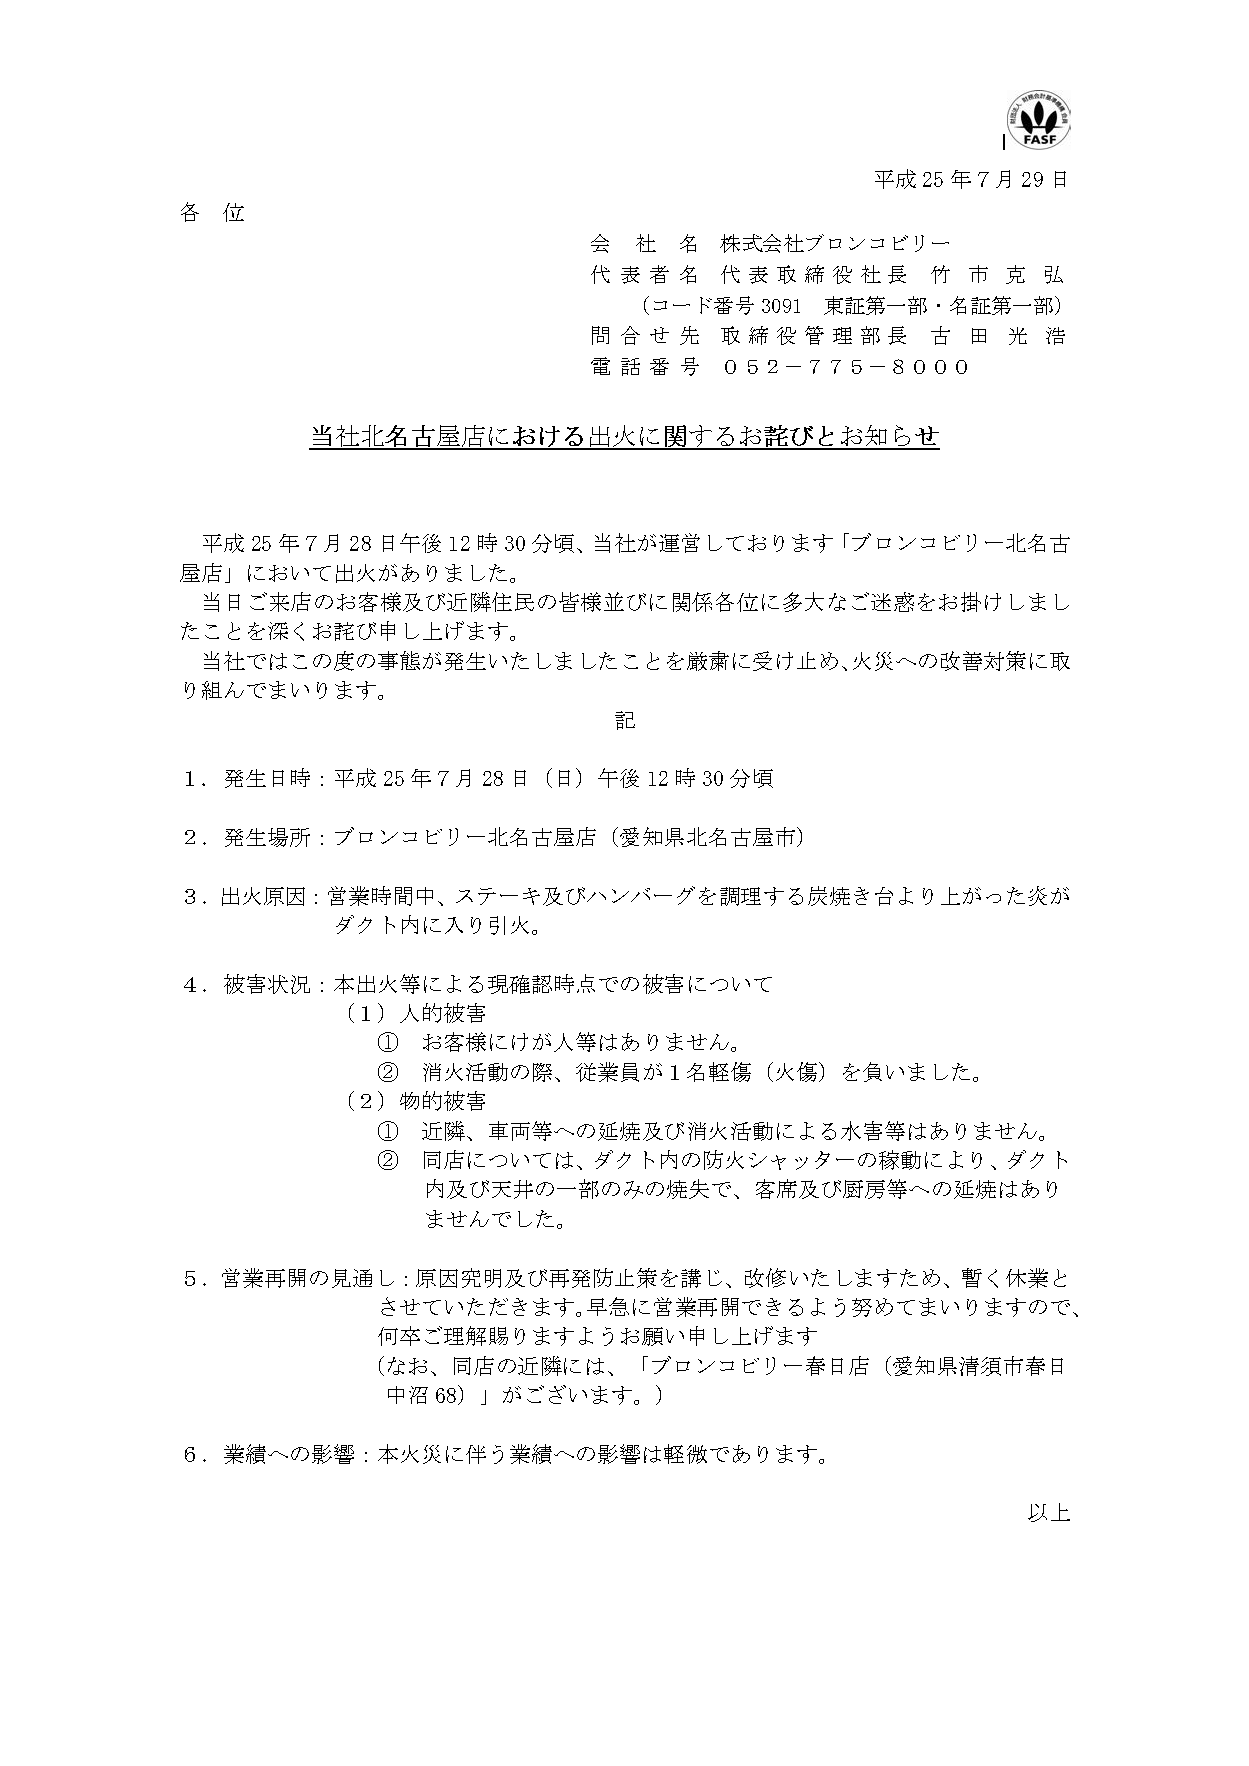 当社北名古屋店における出火に関するお詫びとお知らせ